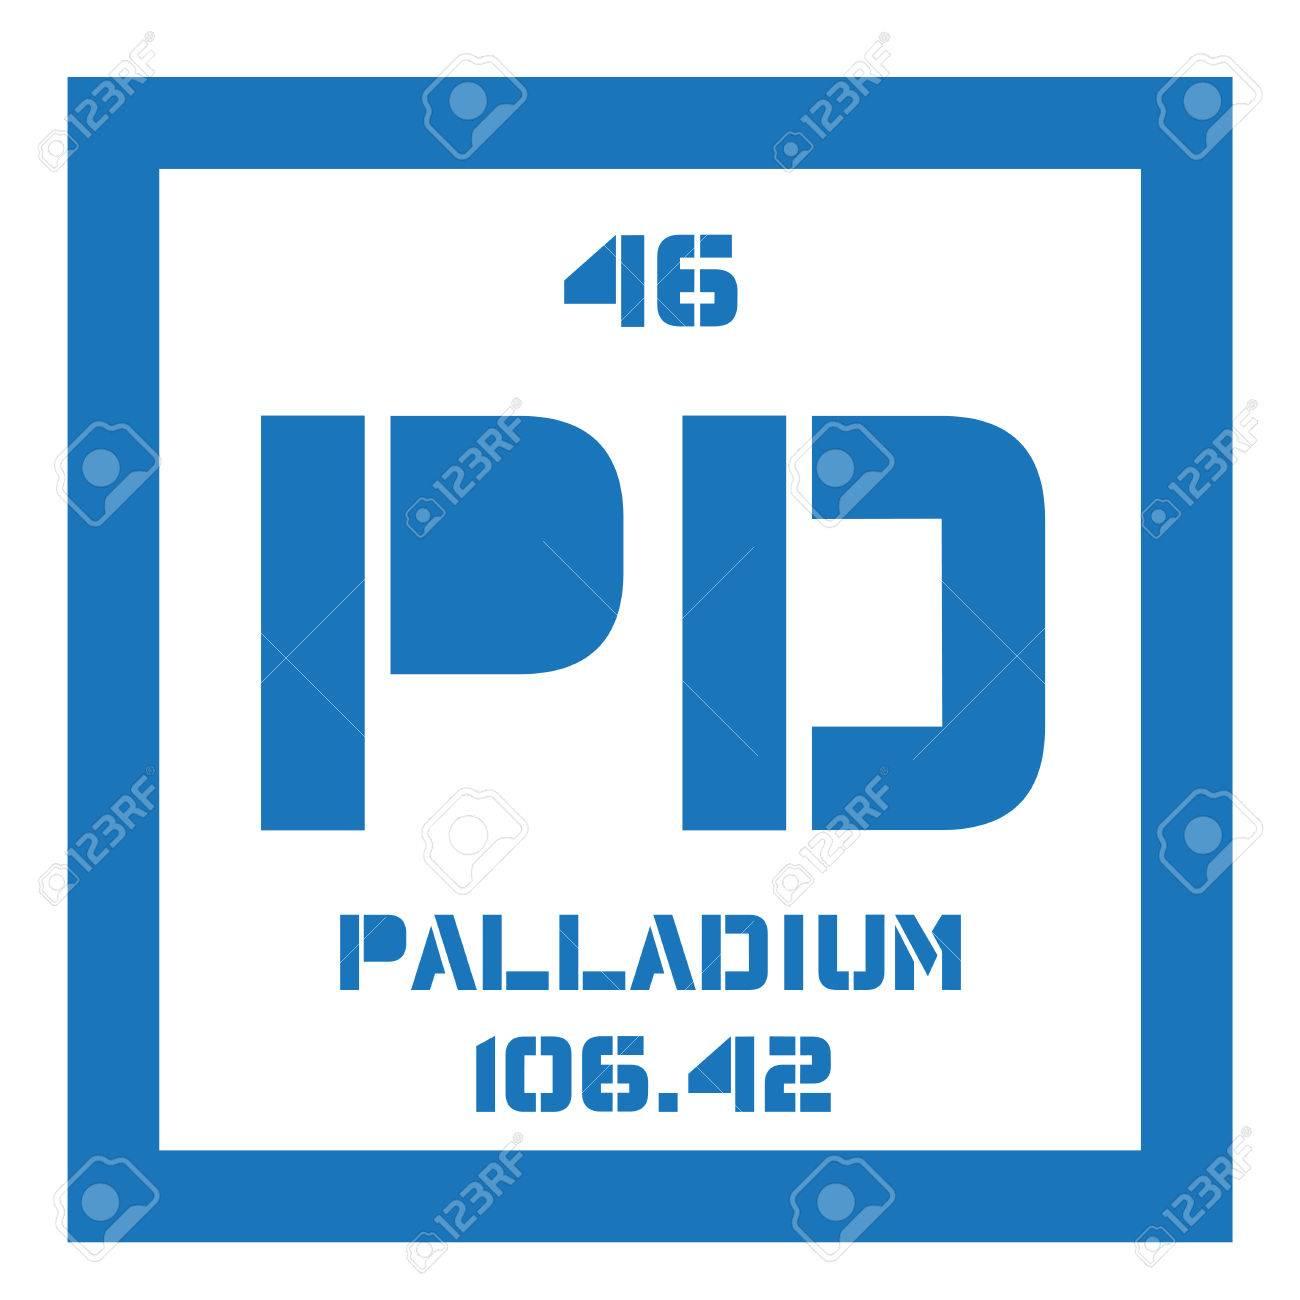 Palladium elemento qumico pertenece a los metales del grupo del pertenece a los metales del grupo del platino icono de color con el nmero atmico y el peso atmico elemento qumico de la tabla peridica urtaz Choice Image